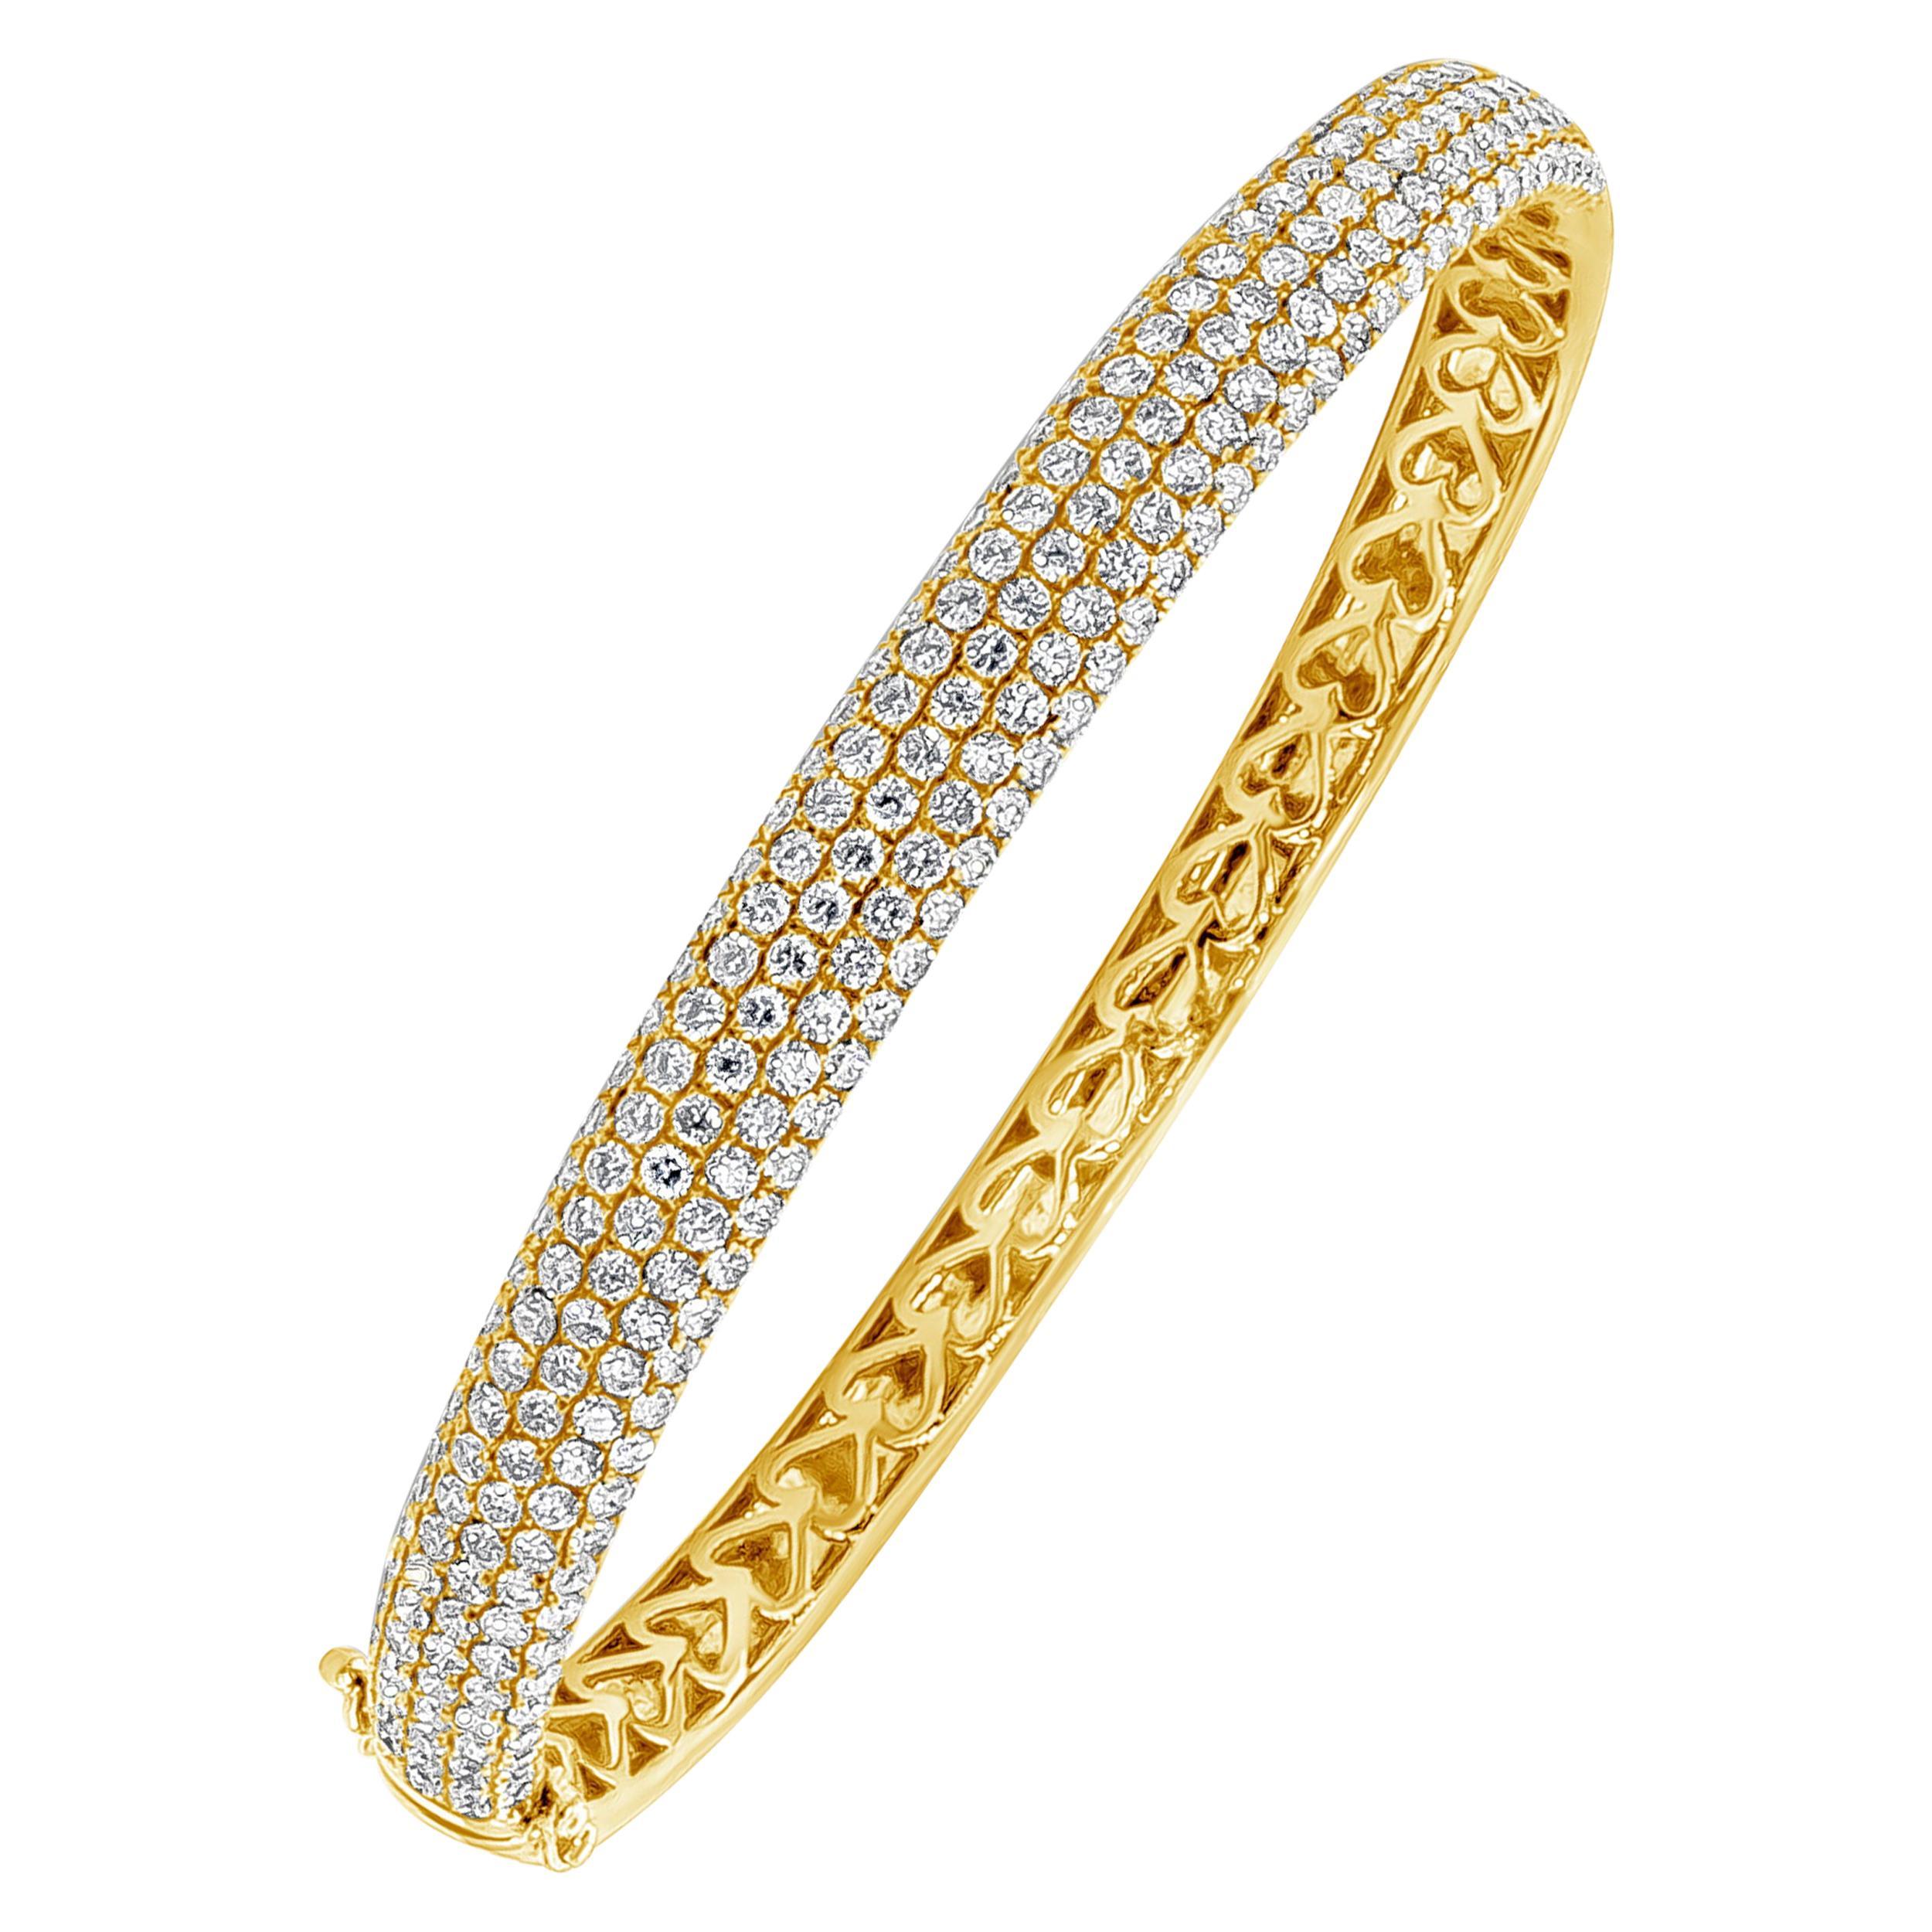 Roman Malakov 4.40 Carat Round Diamond Micro-Pave Bangle Bracelet